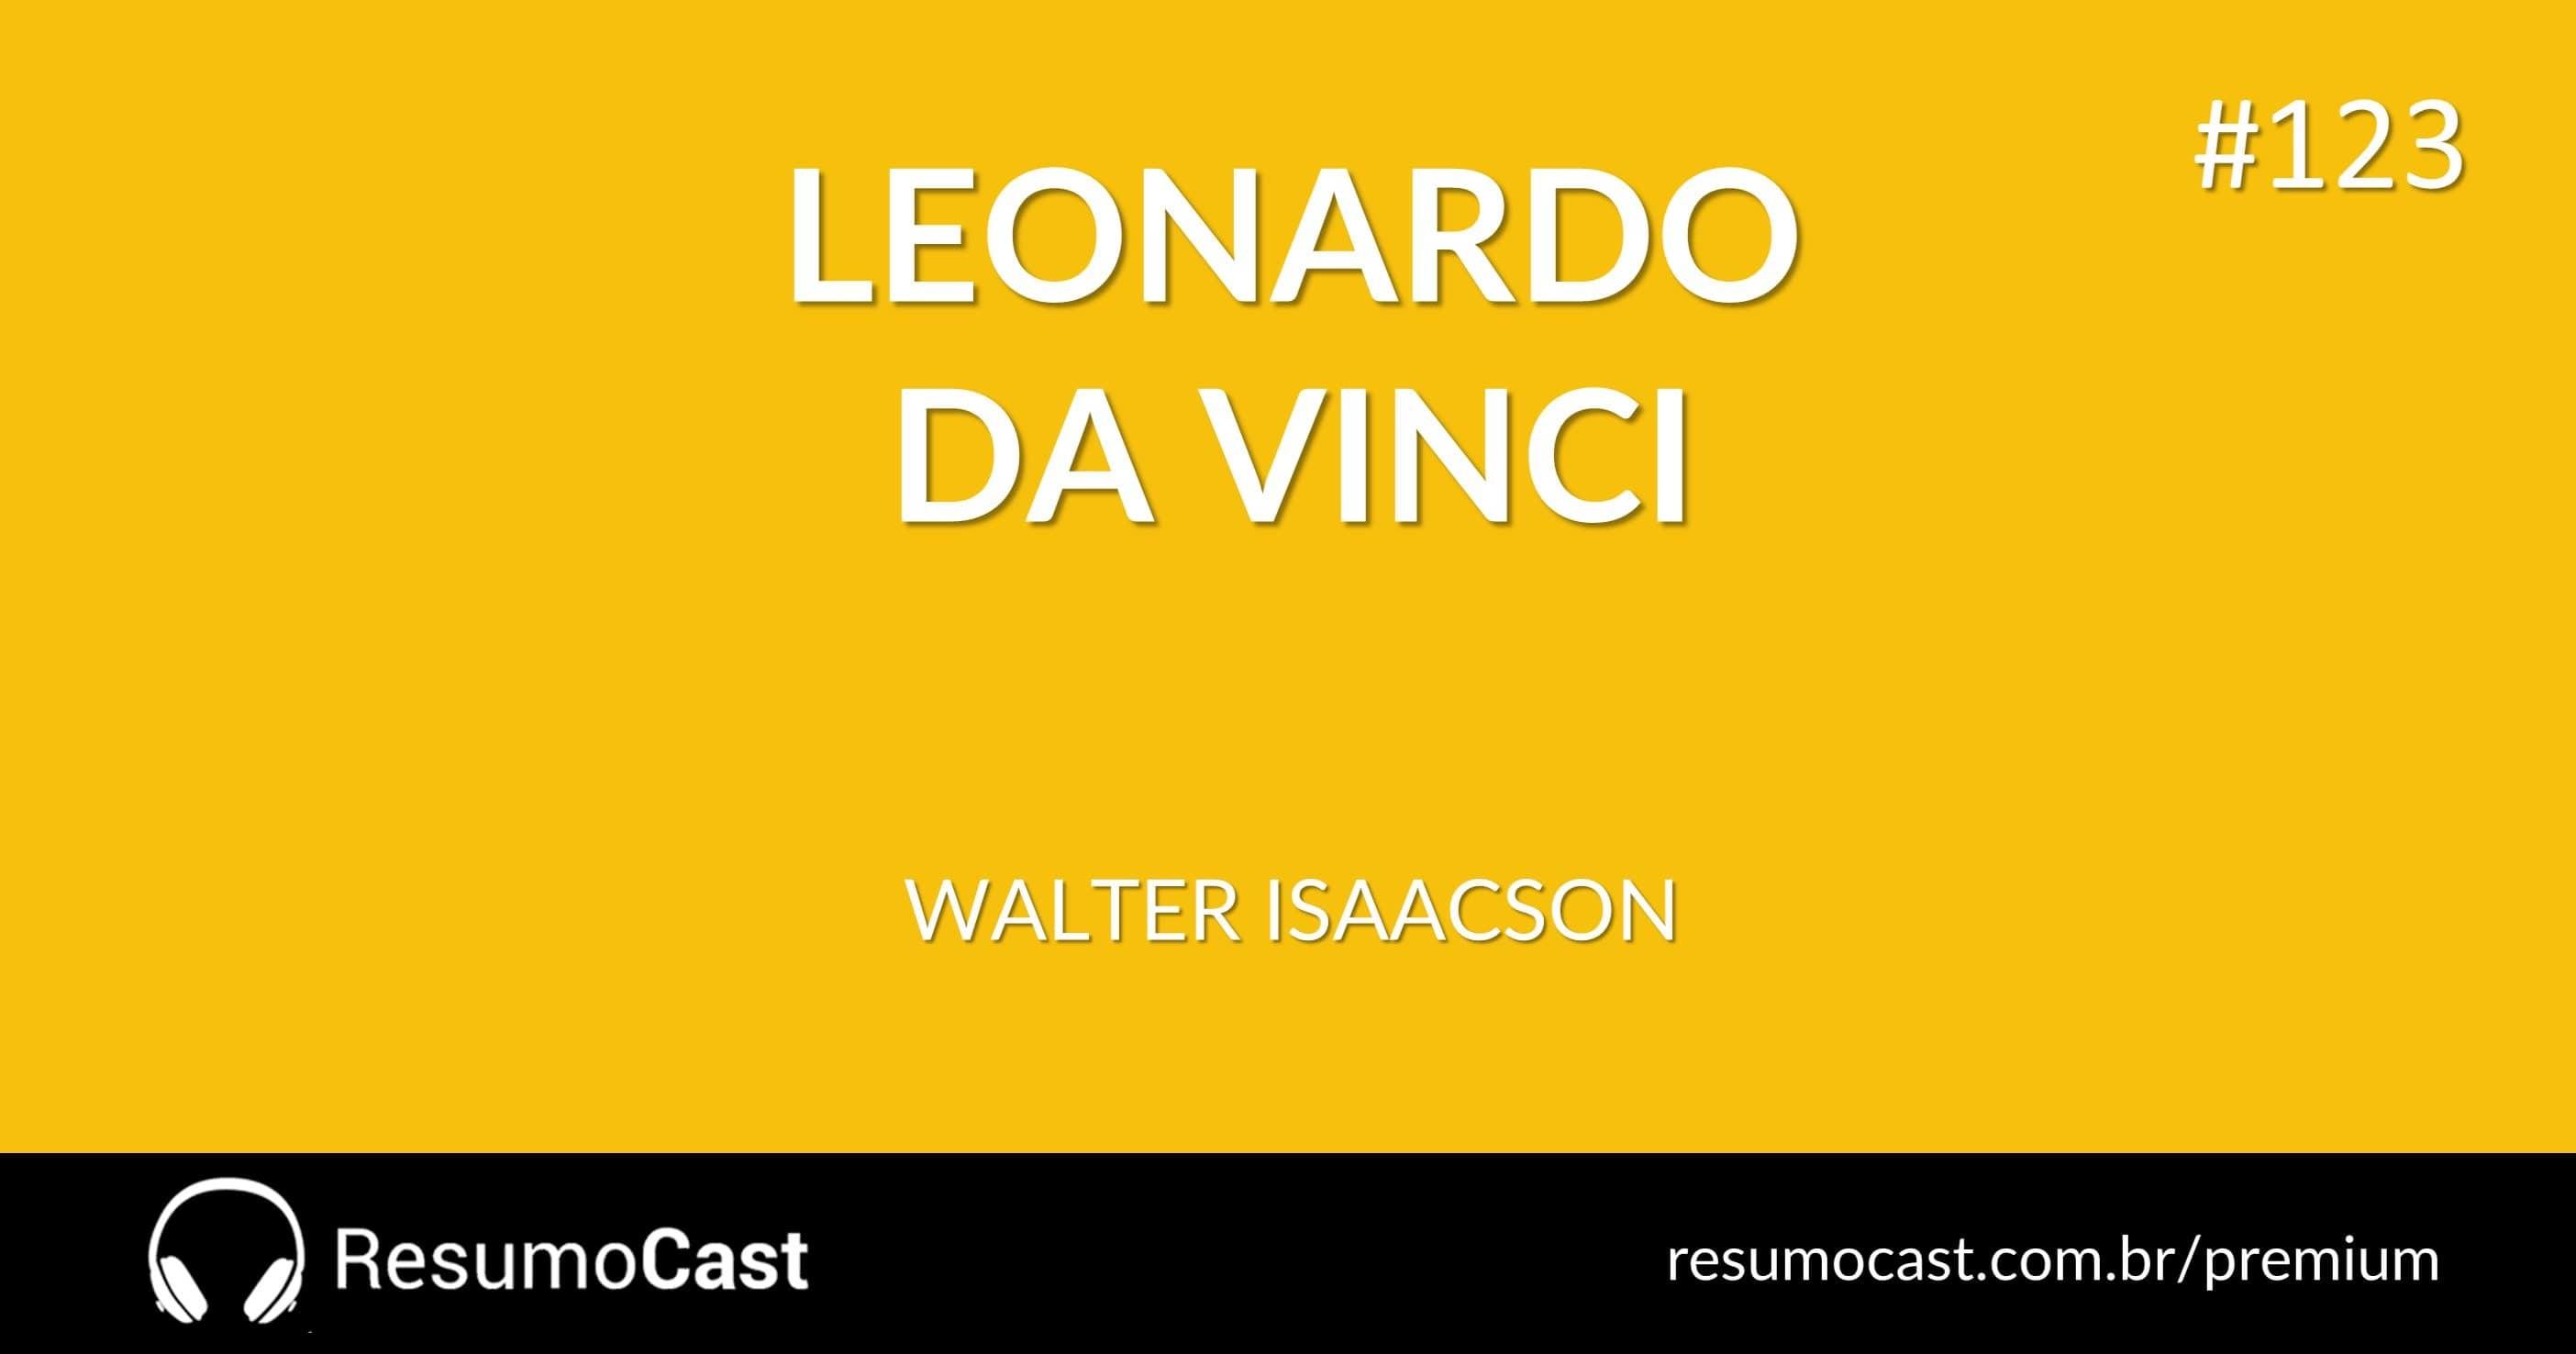 Leonardo da Vinci – Walter Isaacson | T1#123